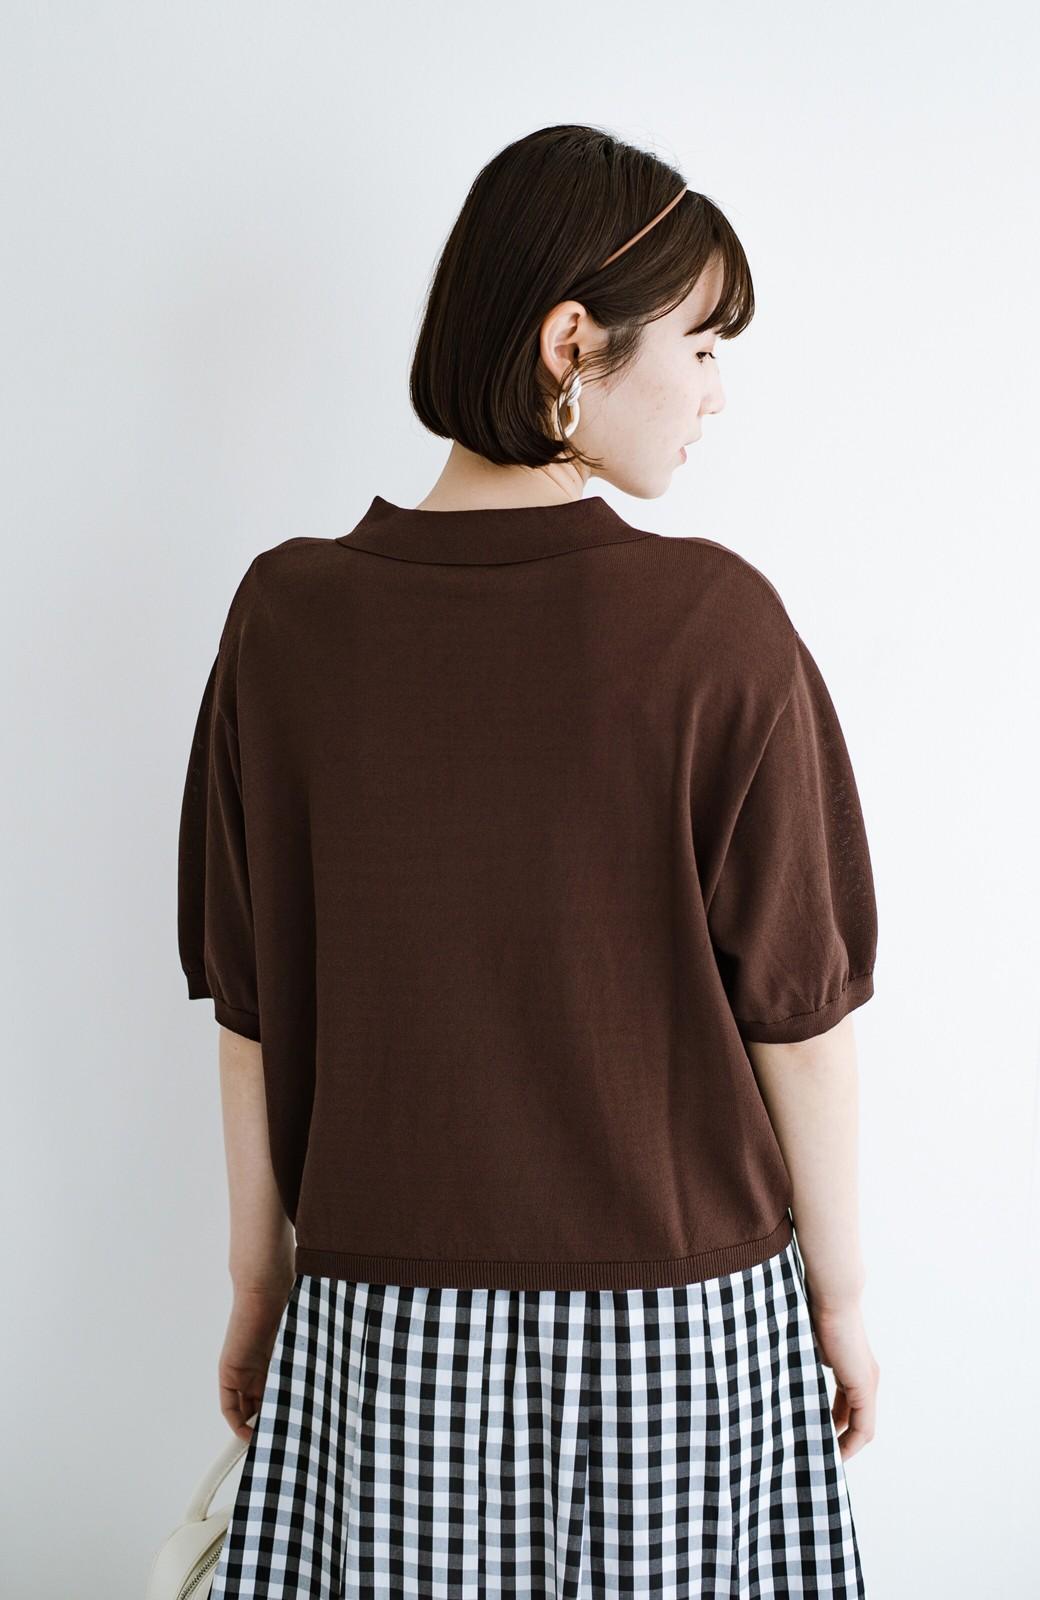 haco! Tシャツ代わりに着ておしゃれ気分が高まる 洗濯機で洗えるポロニットトップス <ブラウン>の商品写真4